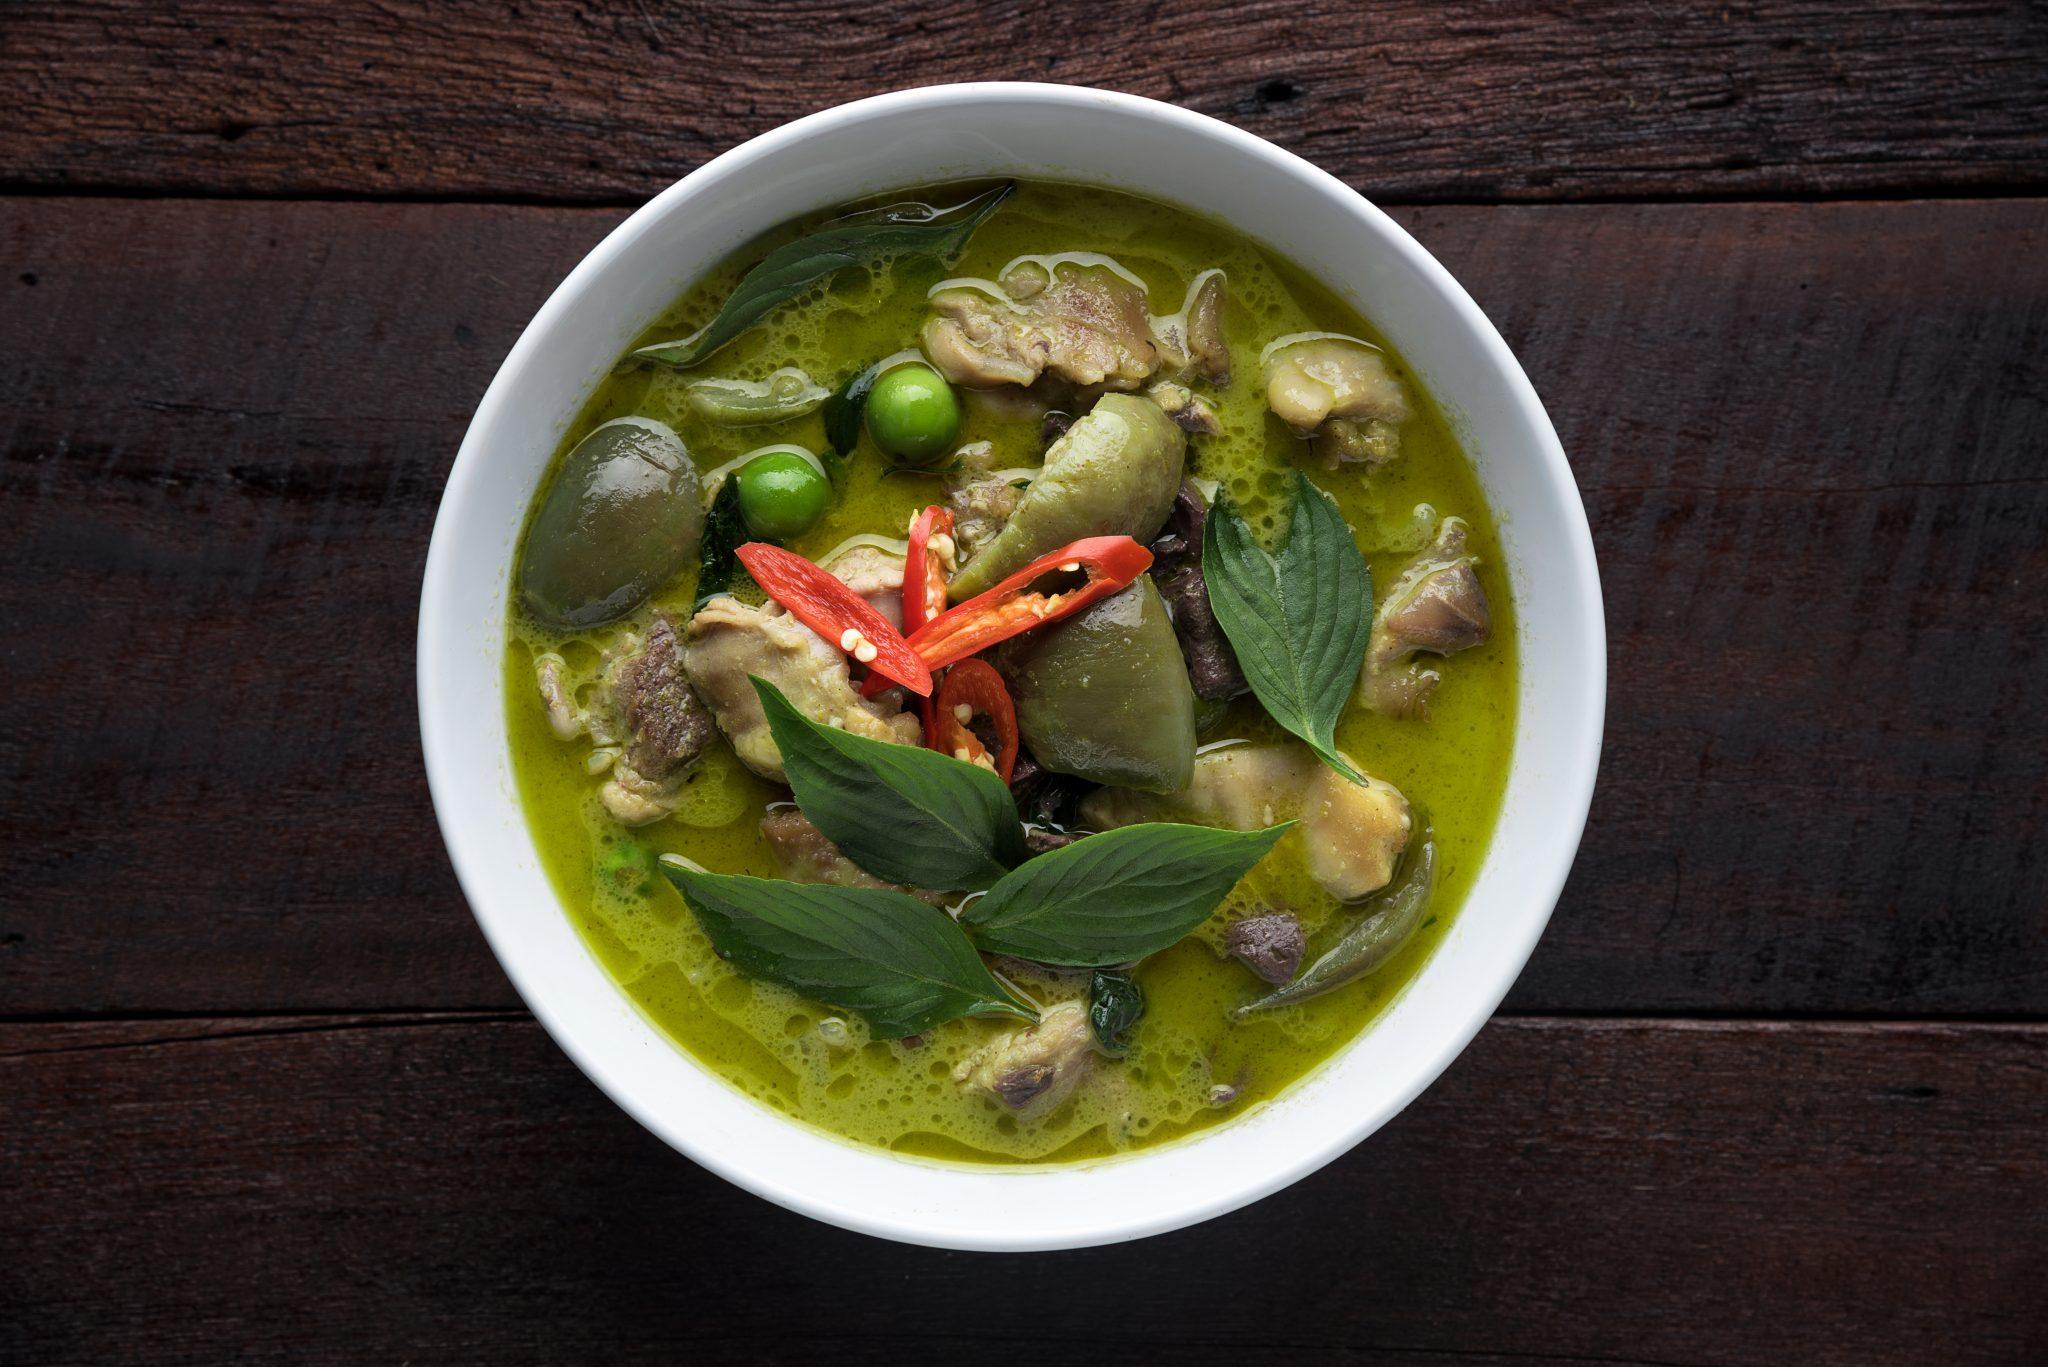 Recette poulet au curry vert et aubergines tha chef jevto bond - Cuisine thai poulet curry vert ...